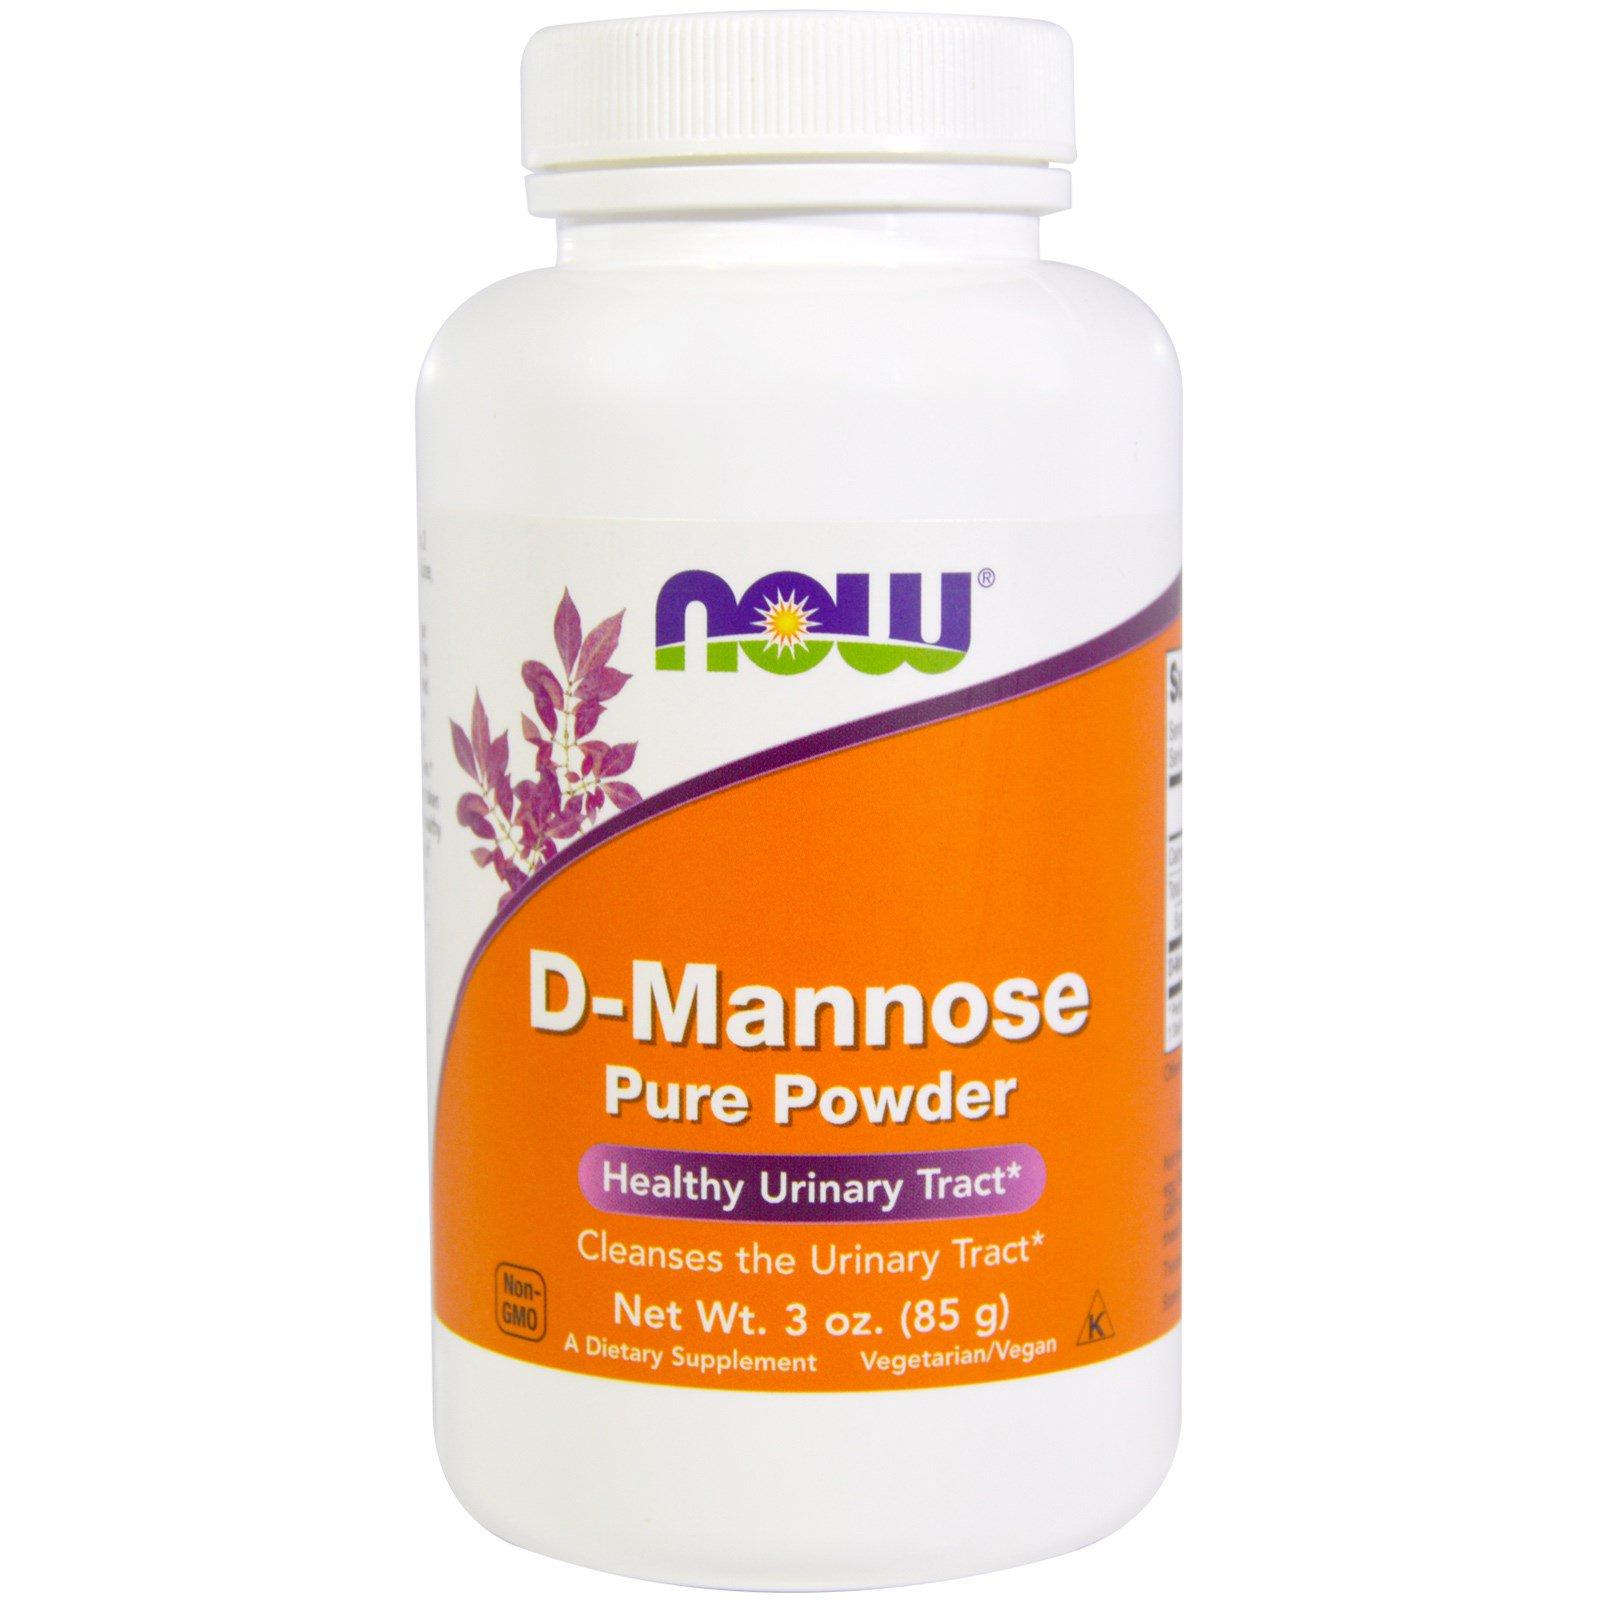 Порошок D-маннозы, 85 г (3 oz) от Now Foods